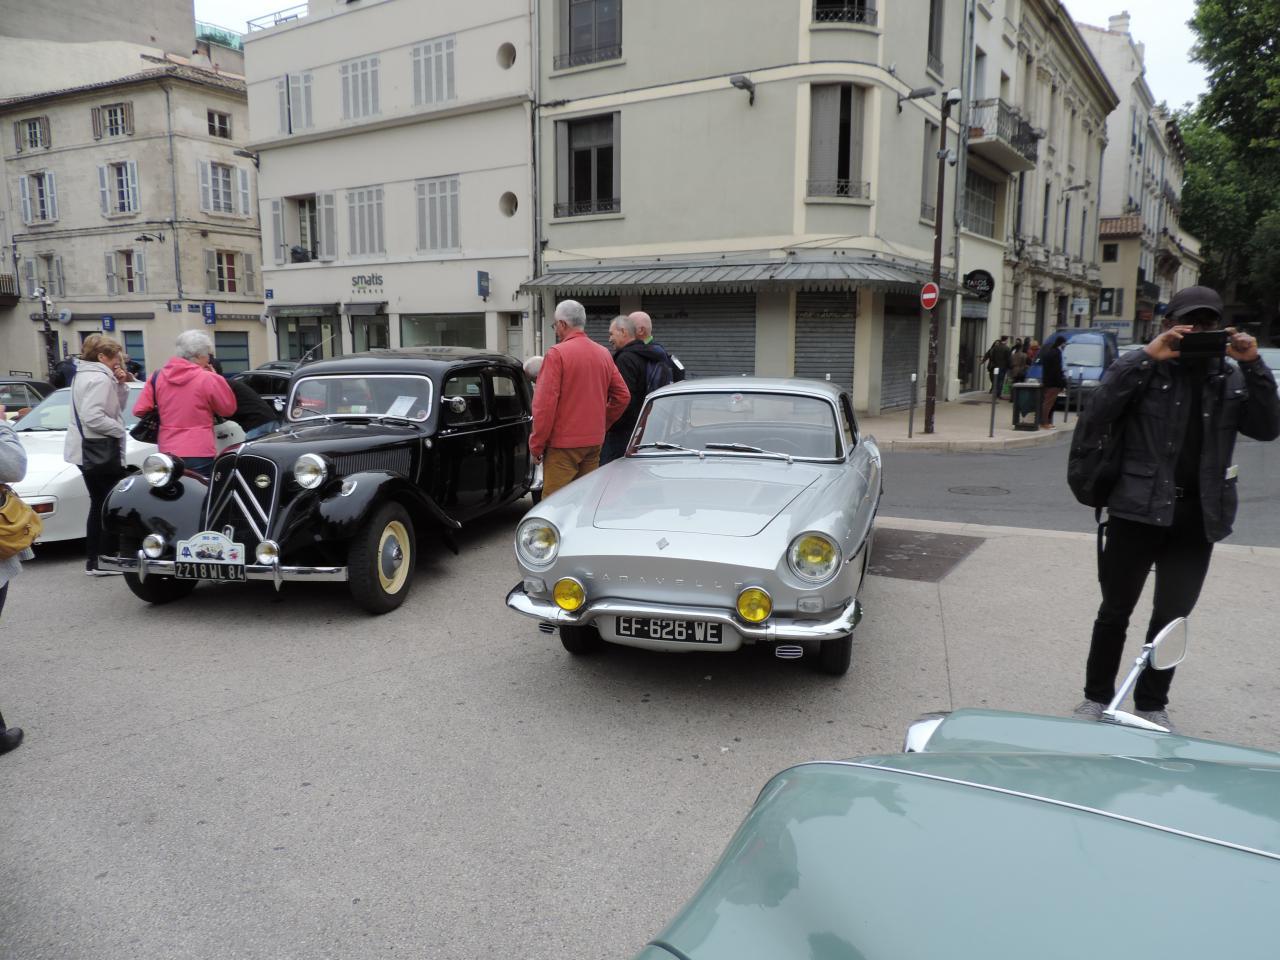 30 avril - Journée nationale véhicules d'époque